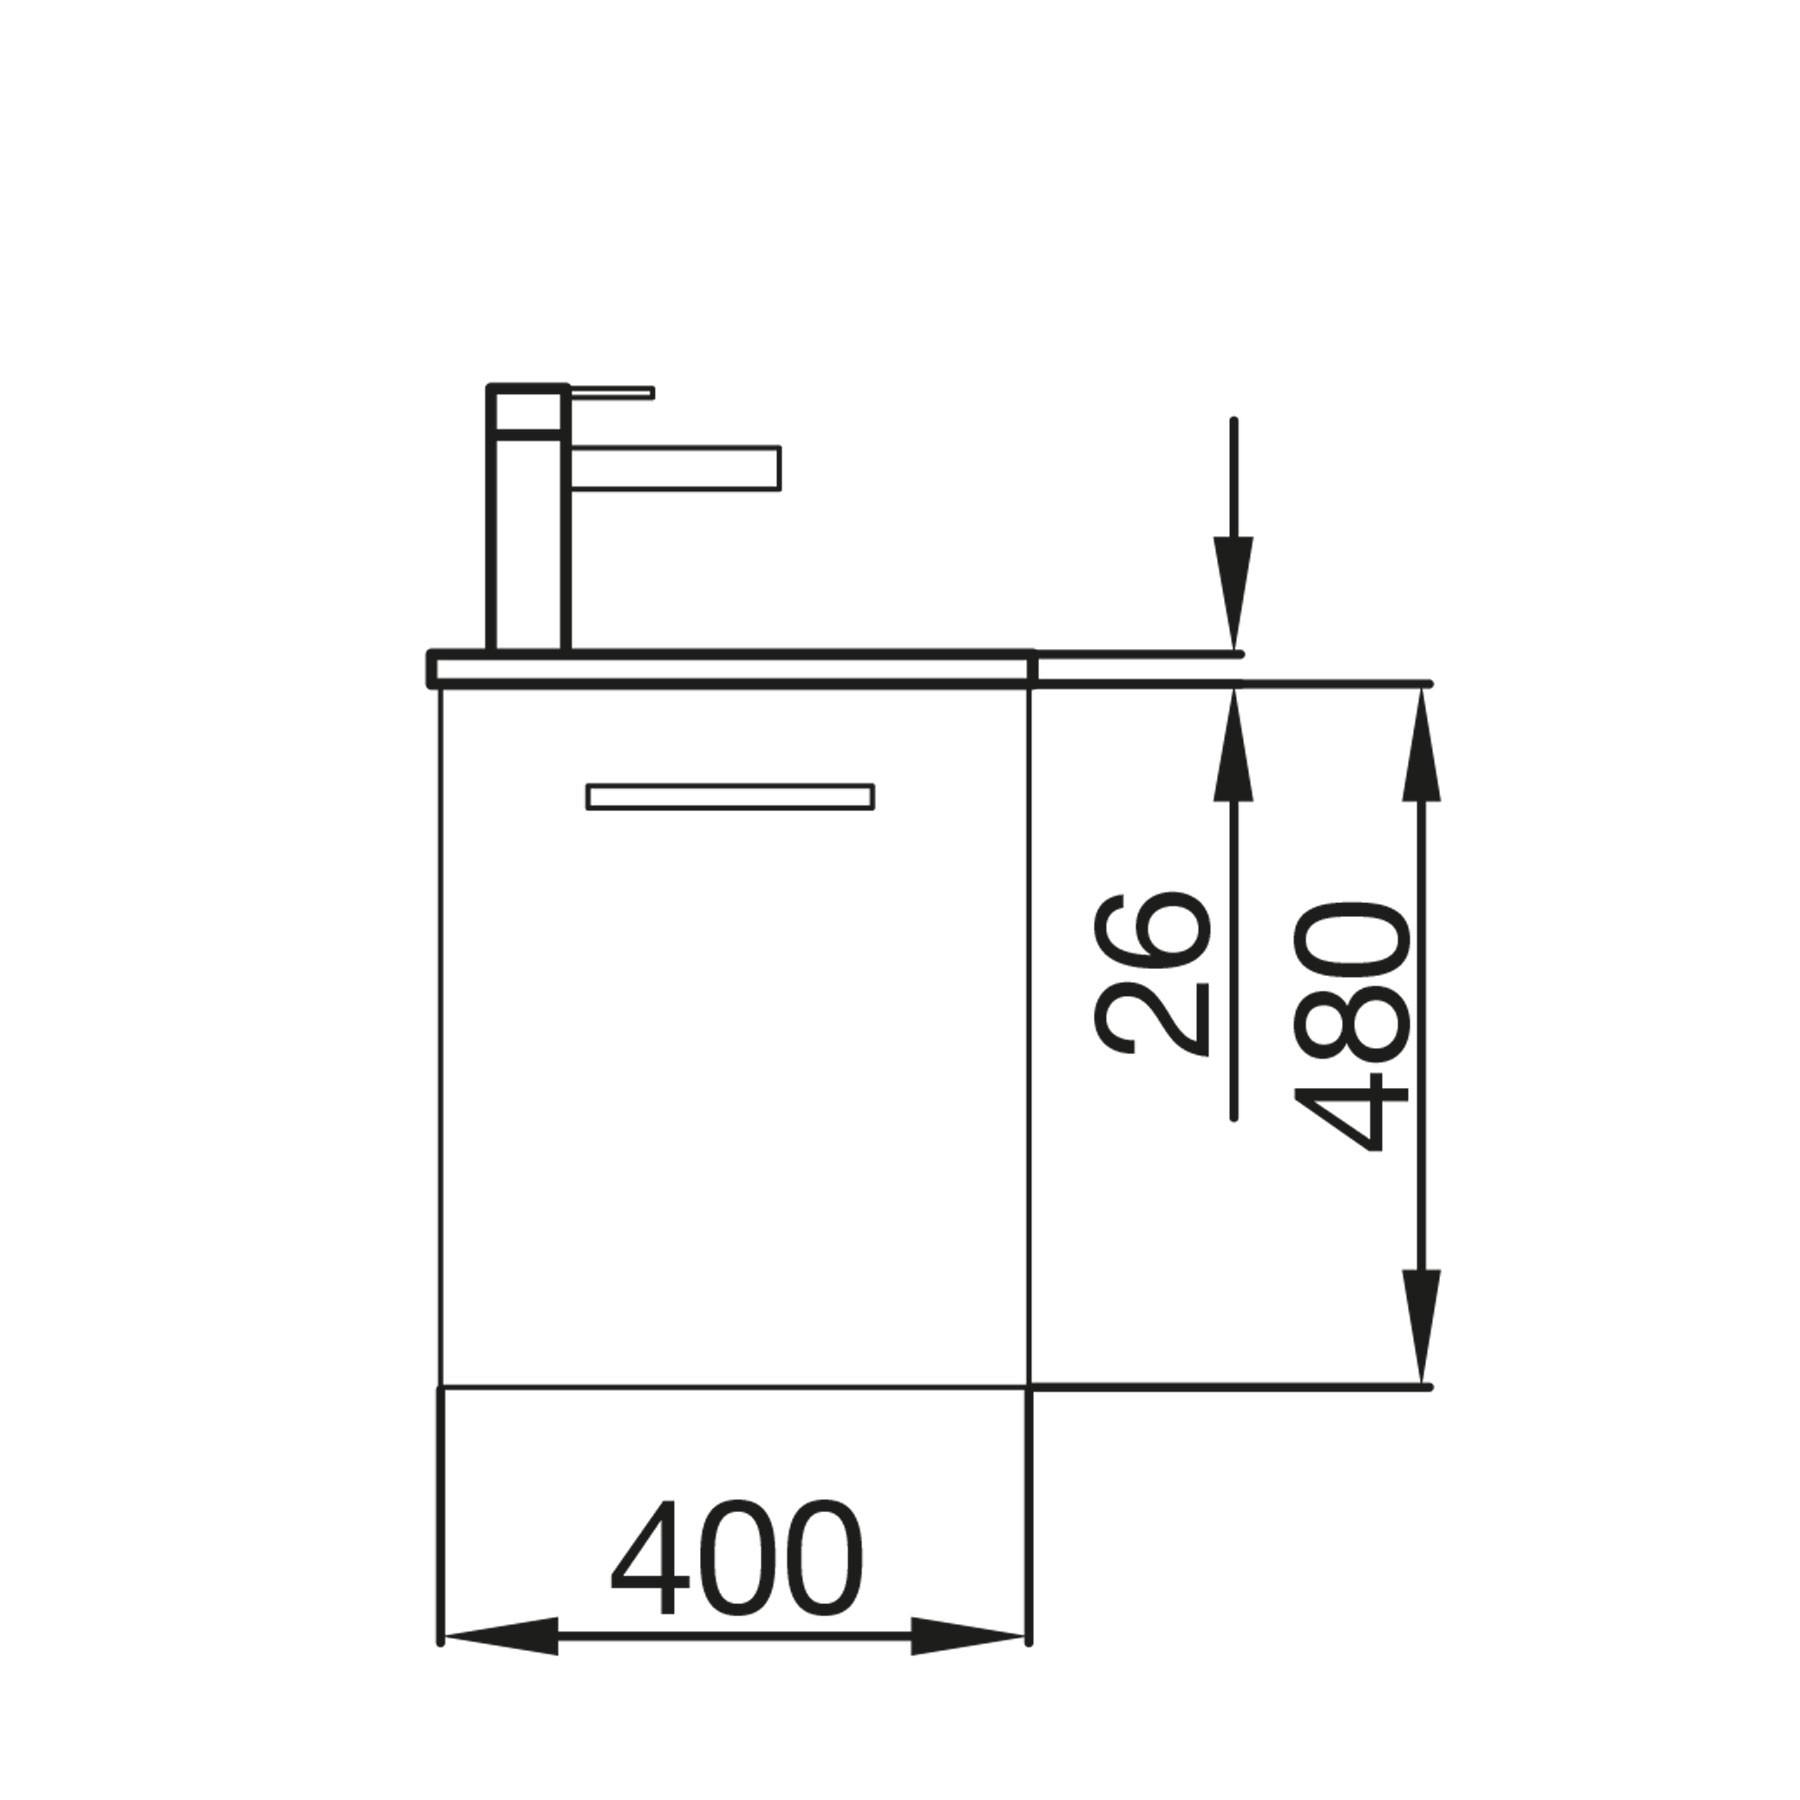 croquis-mueble-microadl-2.jpg